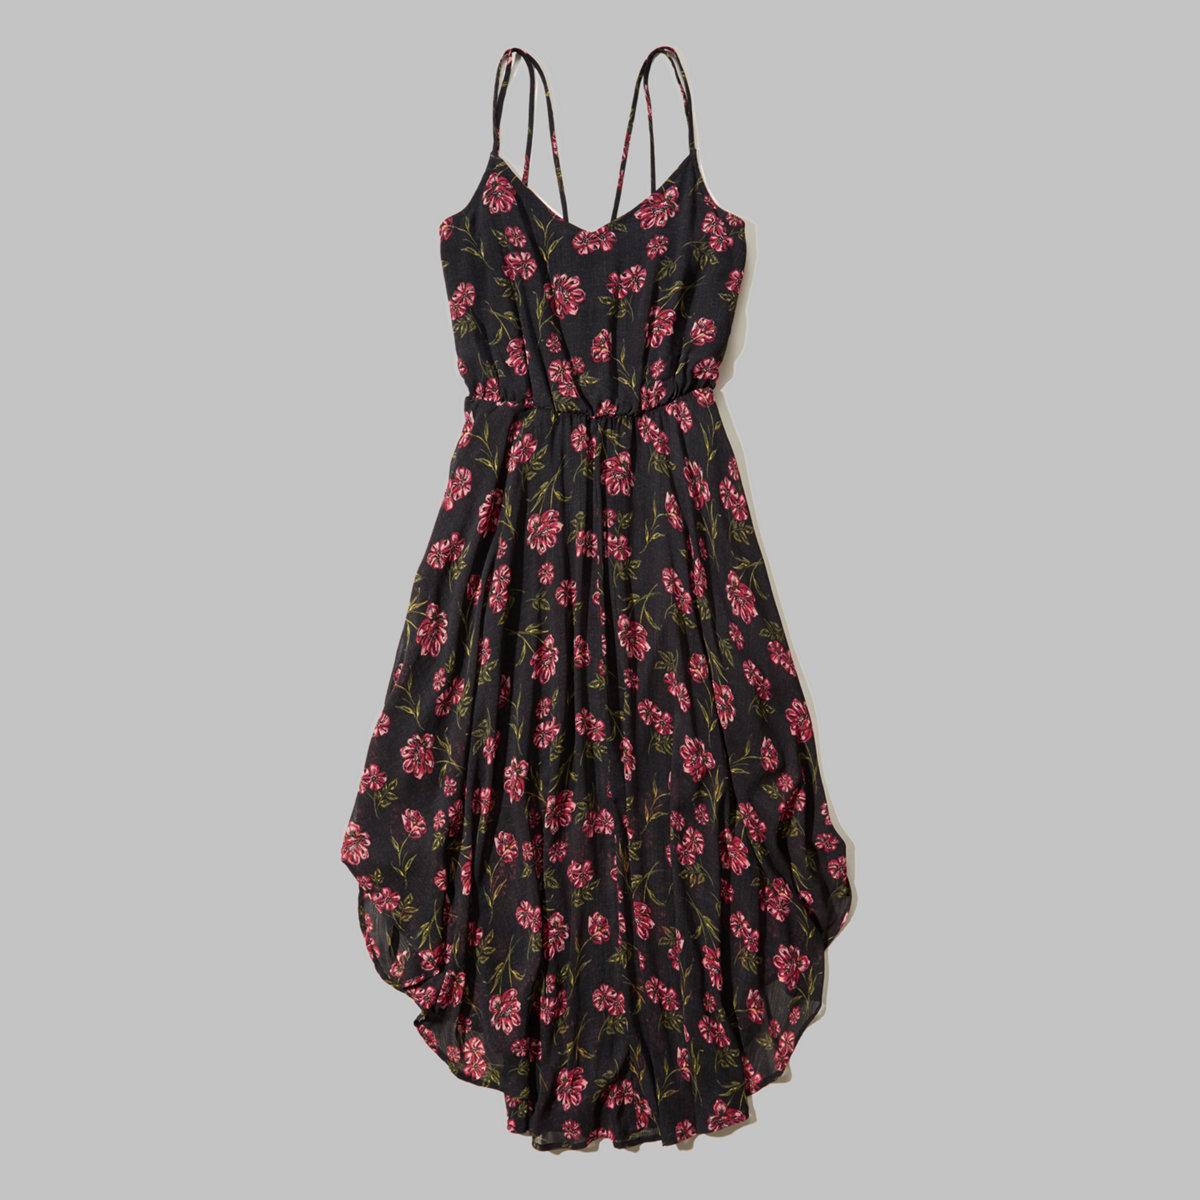 Patterned Chiffon Midi Dress